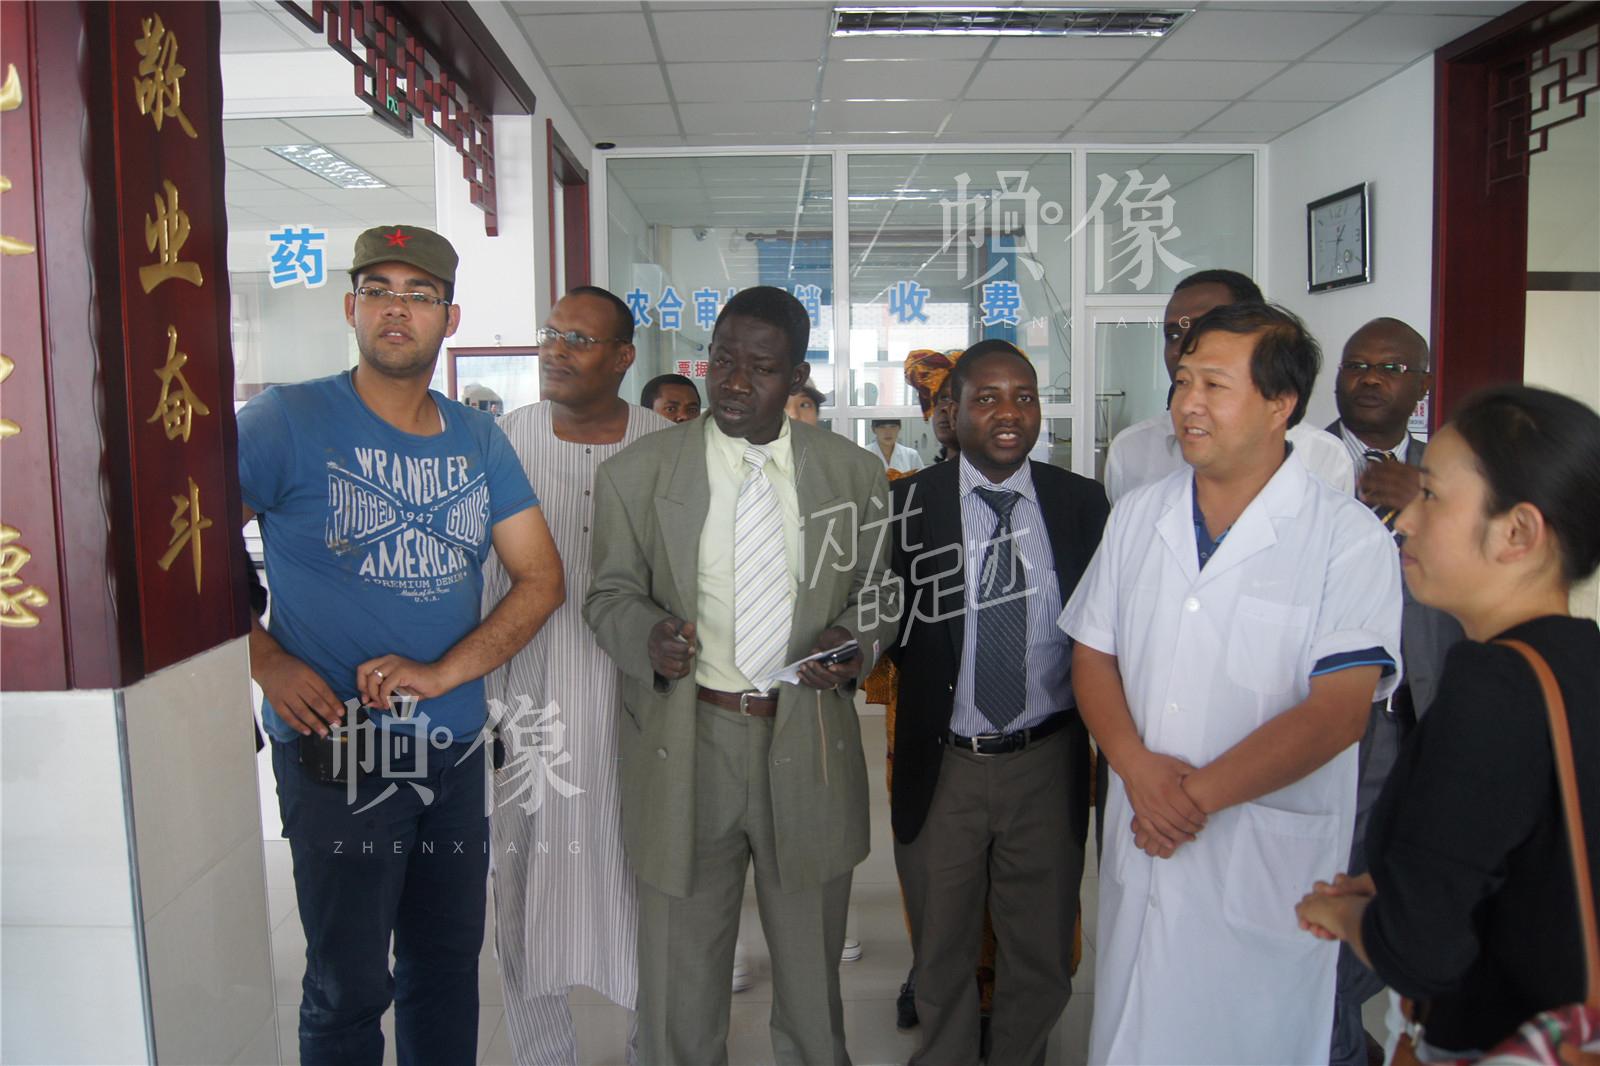 2014年9月,南非卫生专家组参观农村卫生中医工作。(北京金海老年服务中心供图)